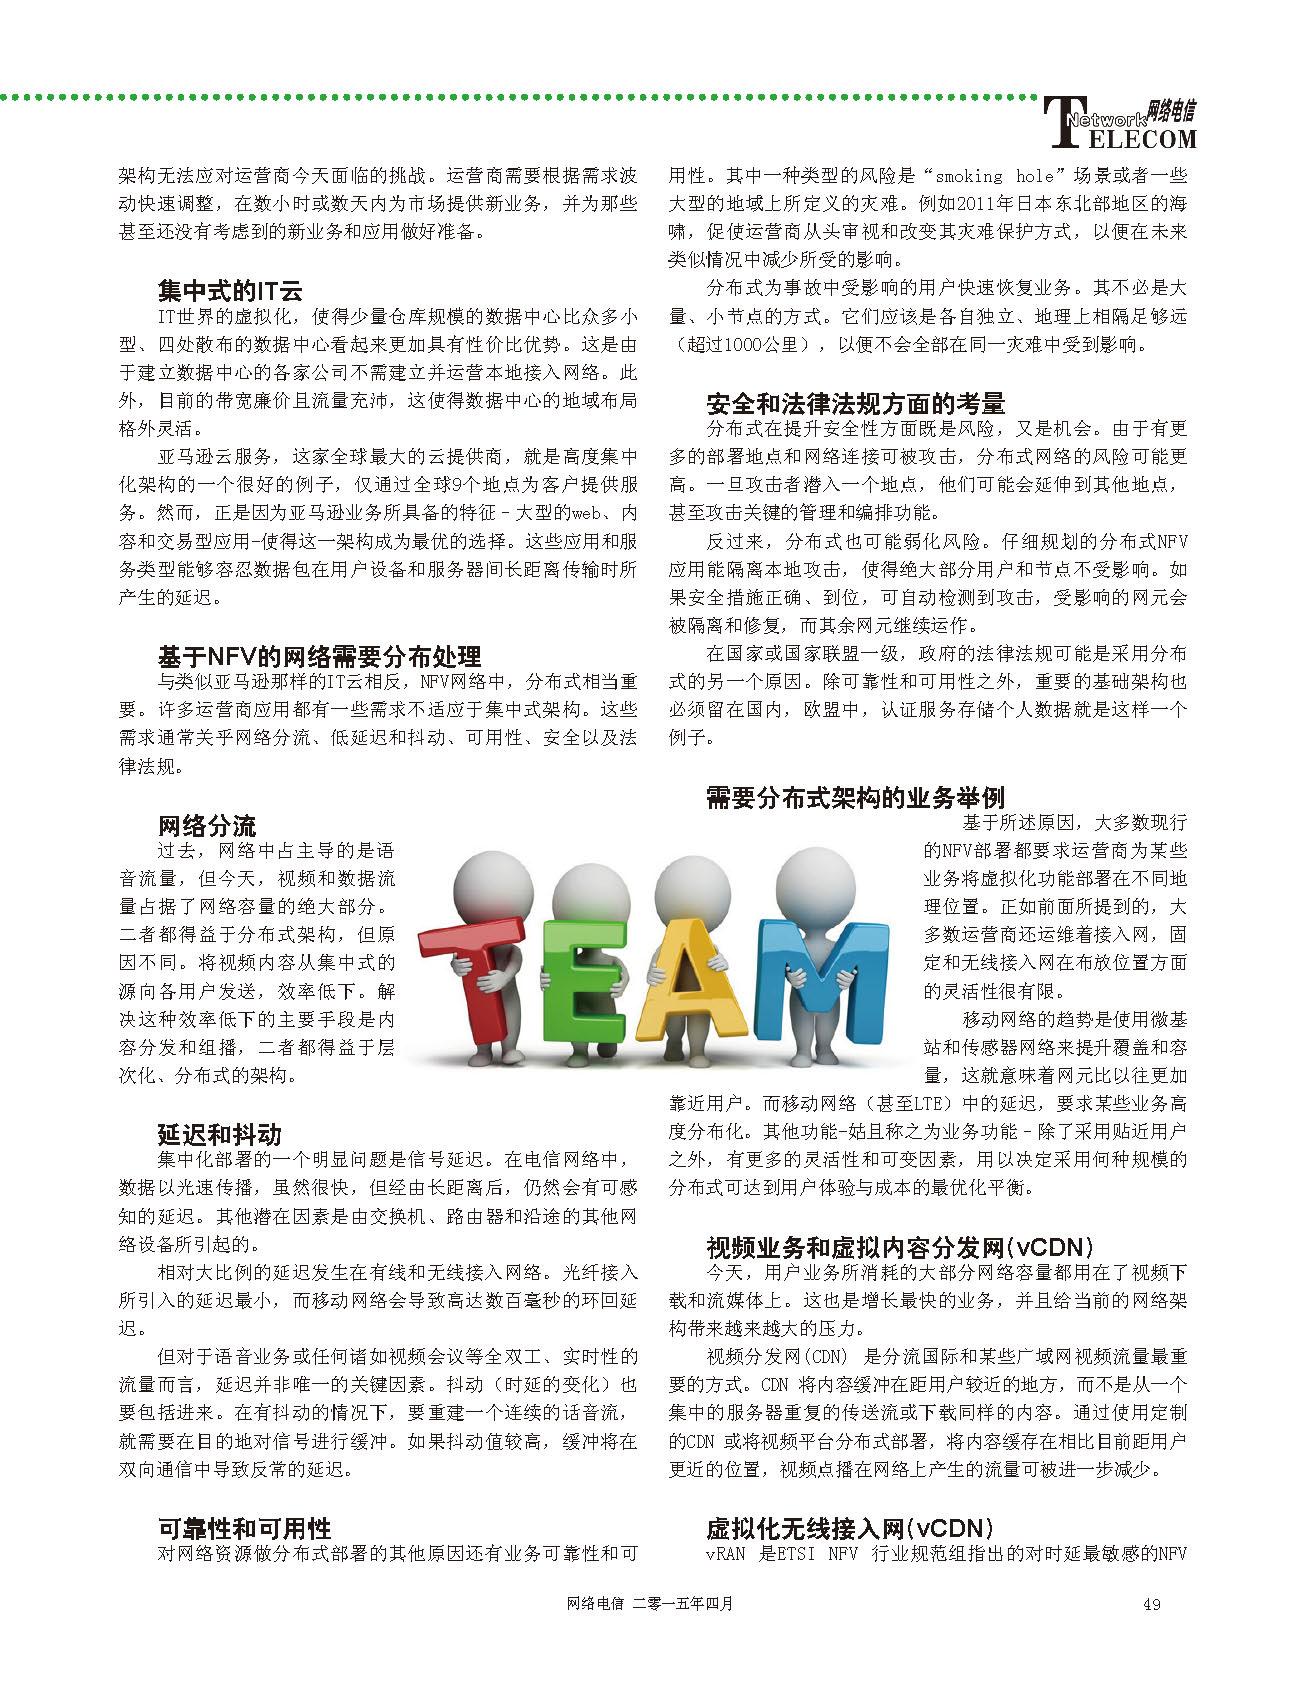 电信2015-04_页面_49.jpg